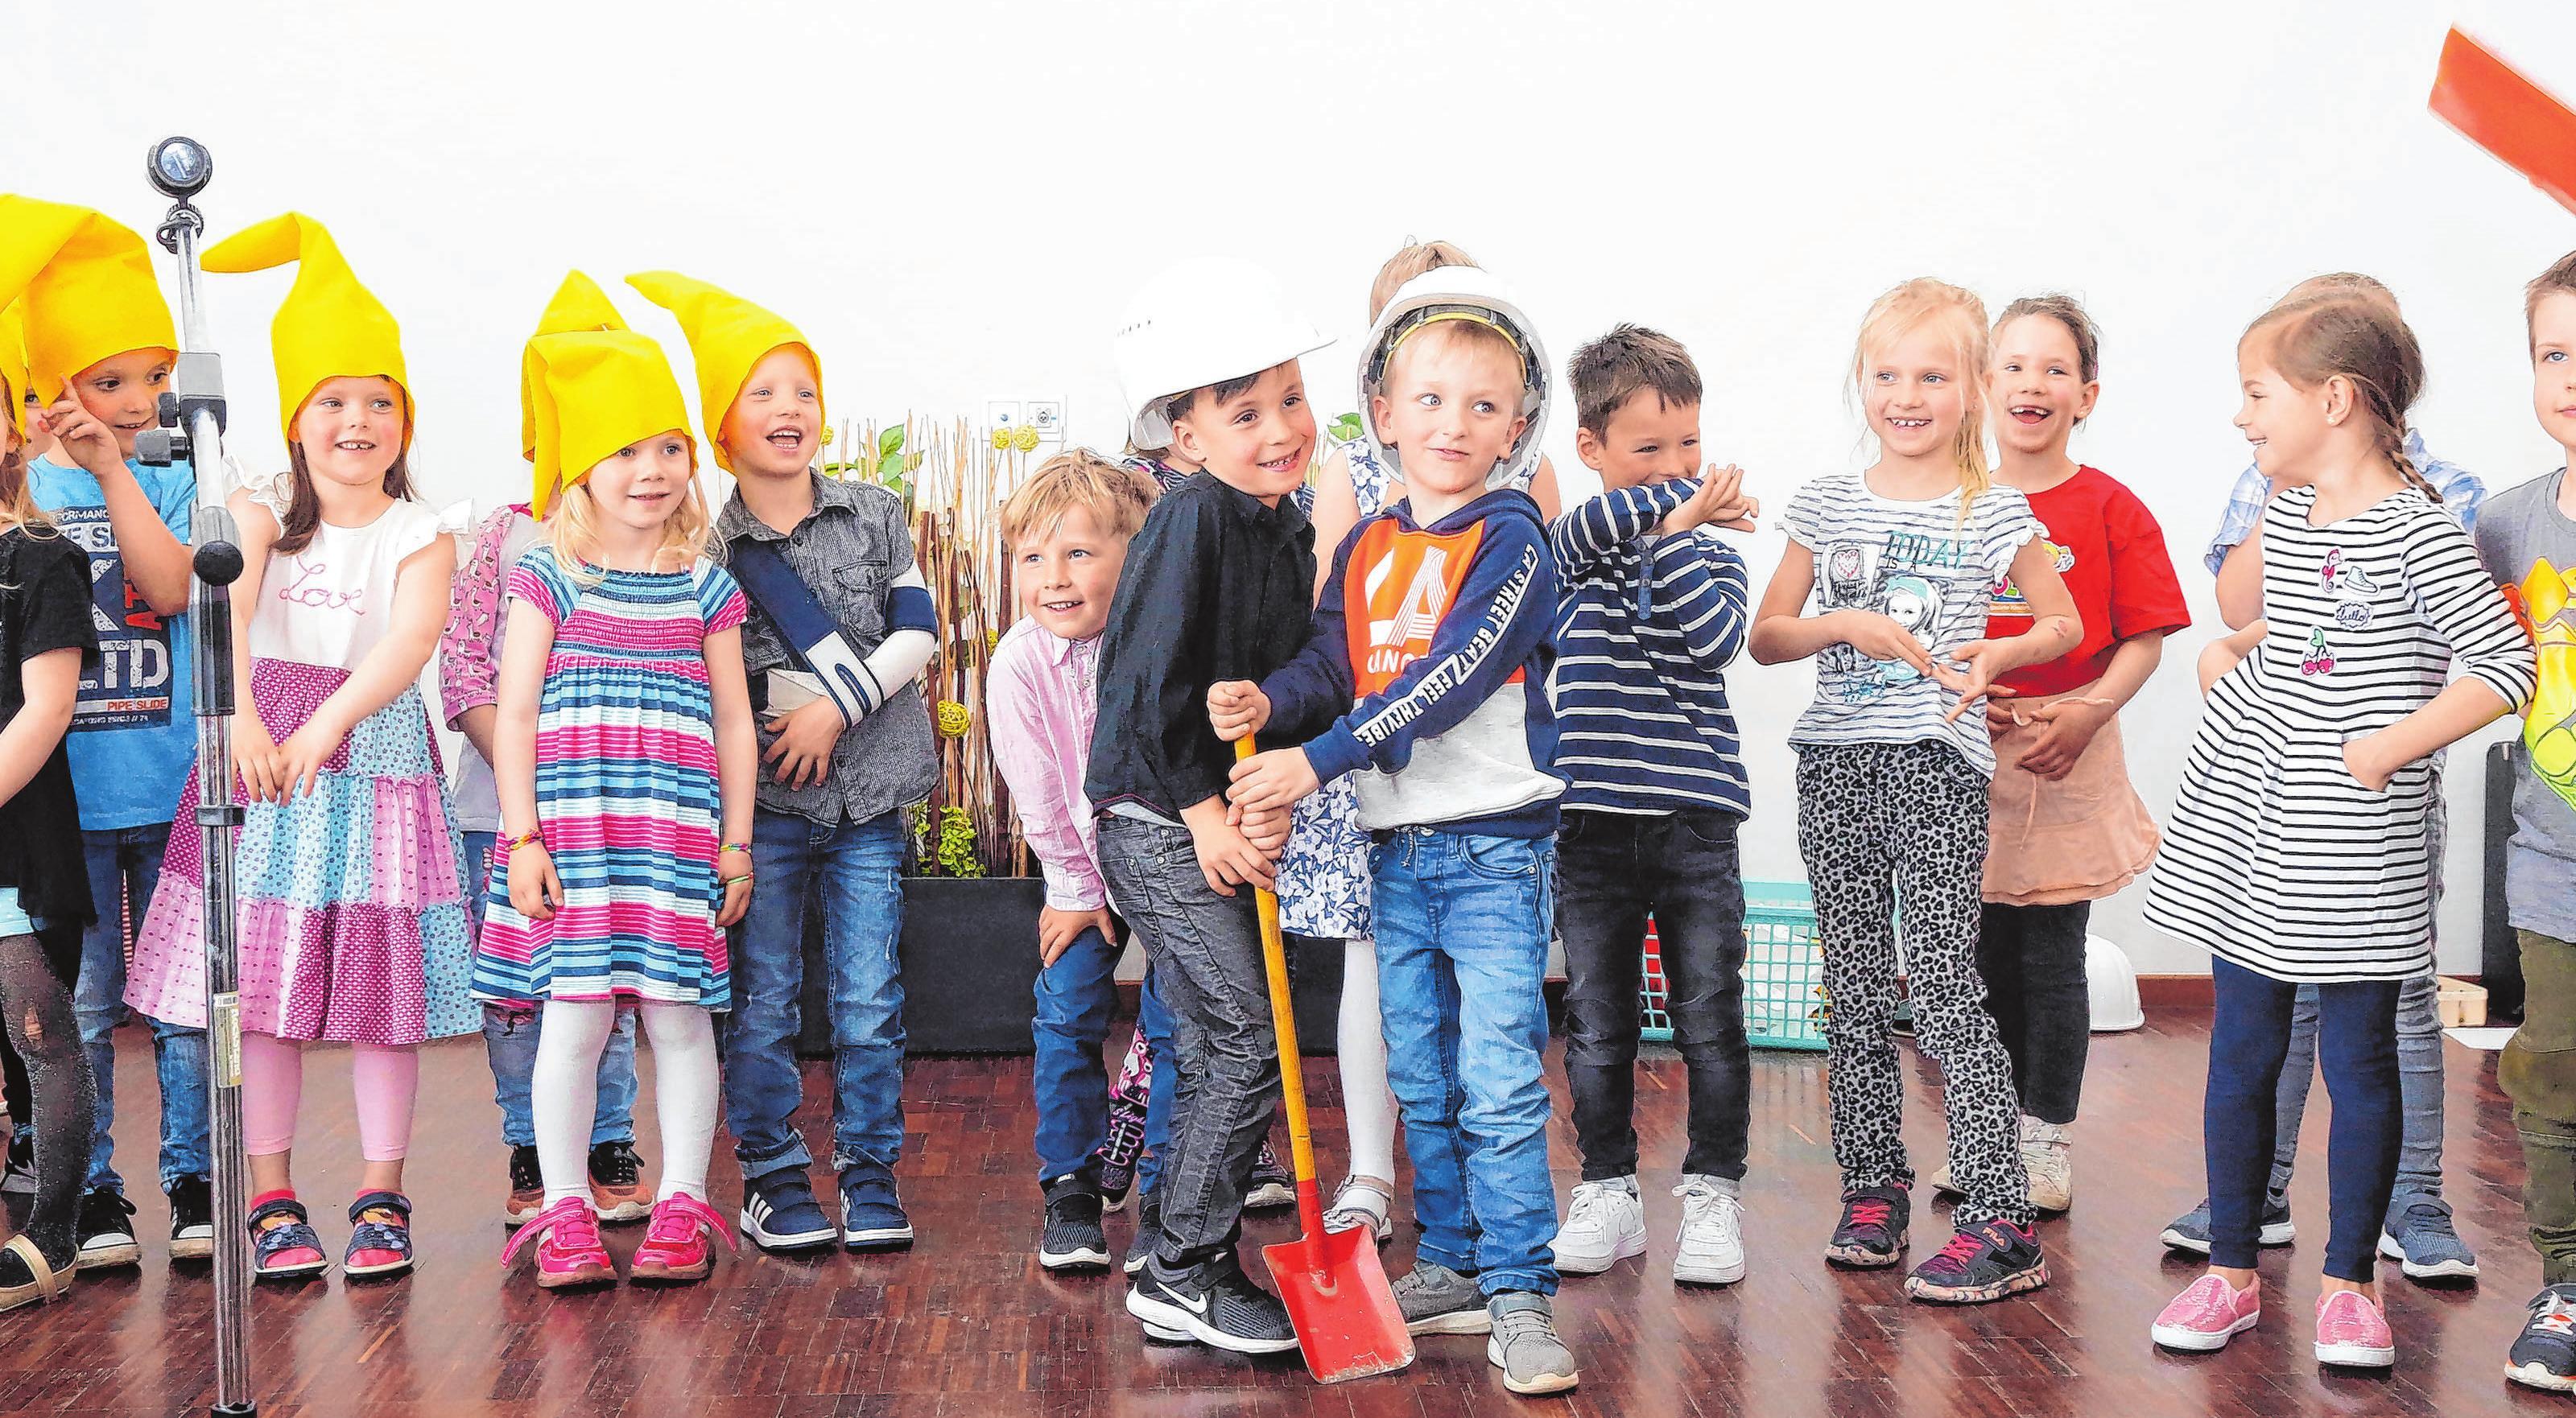 Im Rathaussaal in Britz stellten die Kinder die Bauarbeiten in einem Sketch nach. Zur Eröffnung erfreuten sie die Gäste mit einem bunten Programm. Fotos (2): Sören Tetzlaff